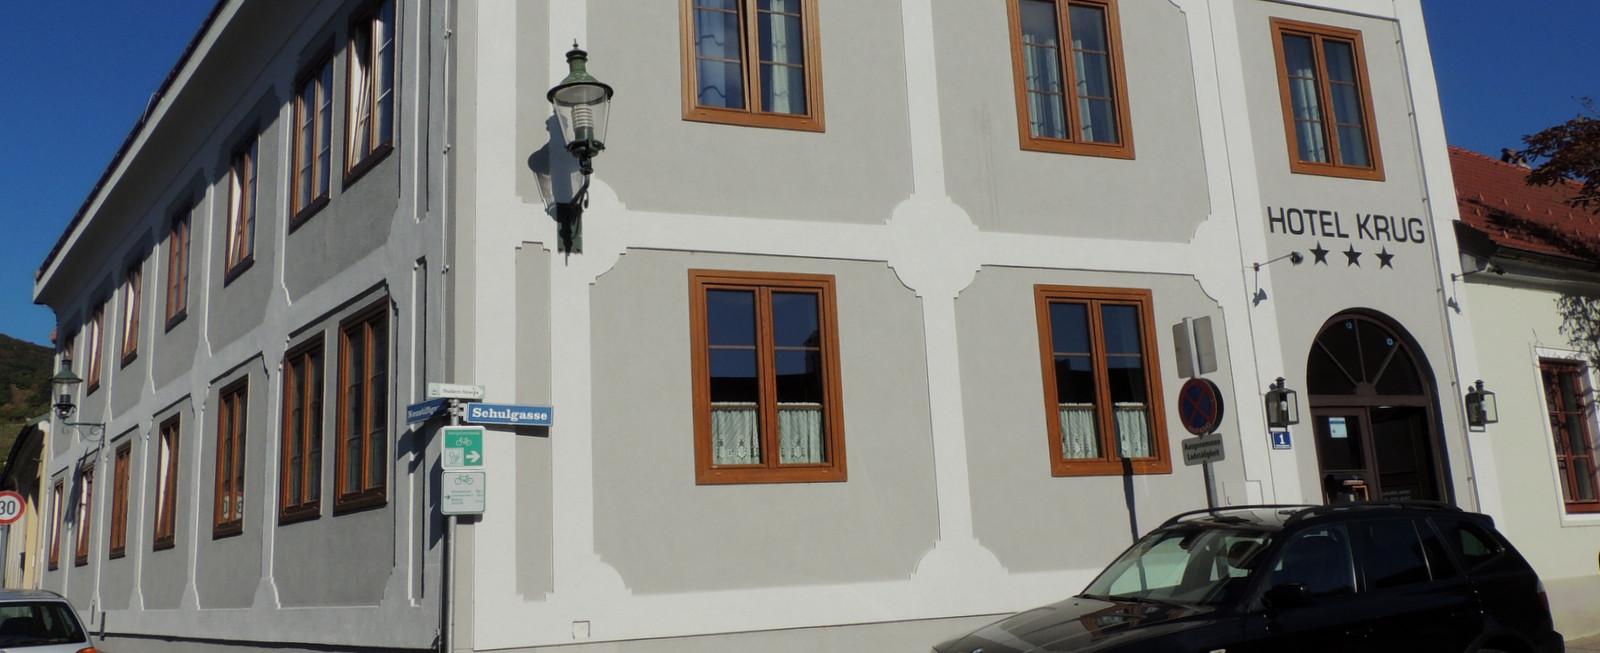 Hotel Krug - Gumpoldskirchen